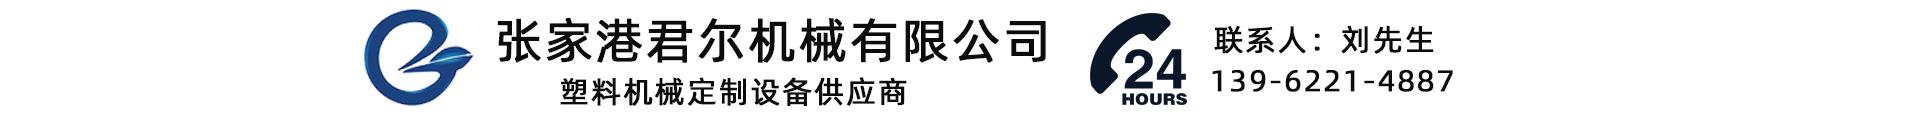 张家港君尔机械有限公司